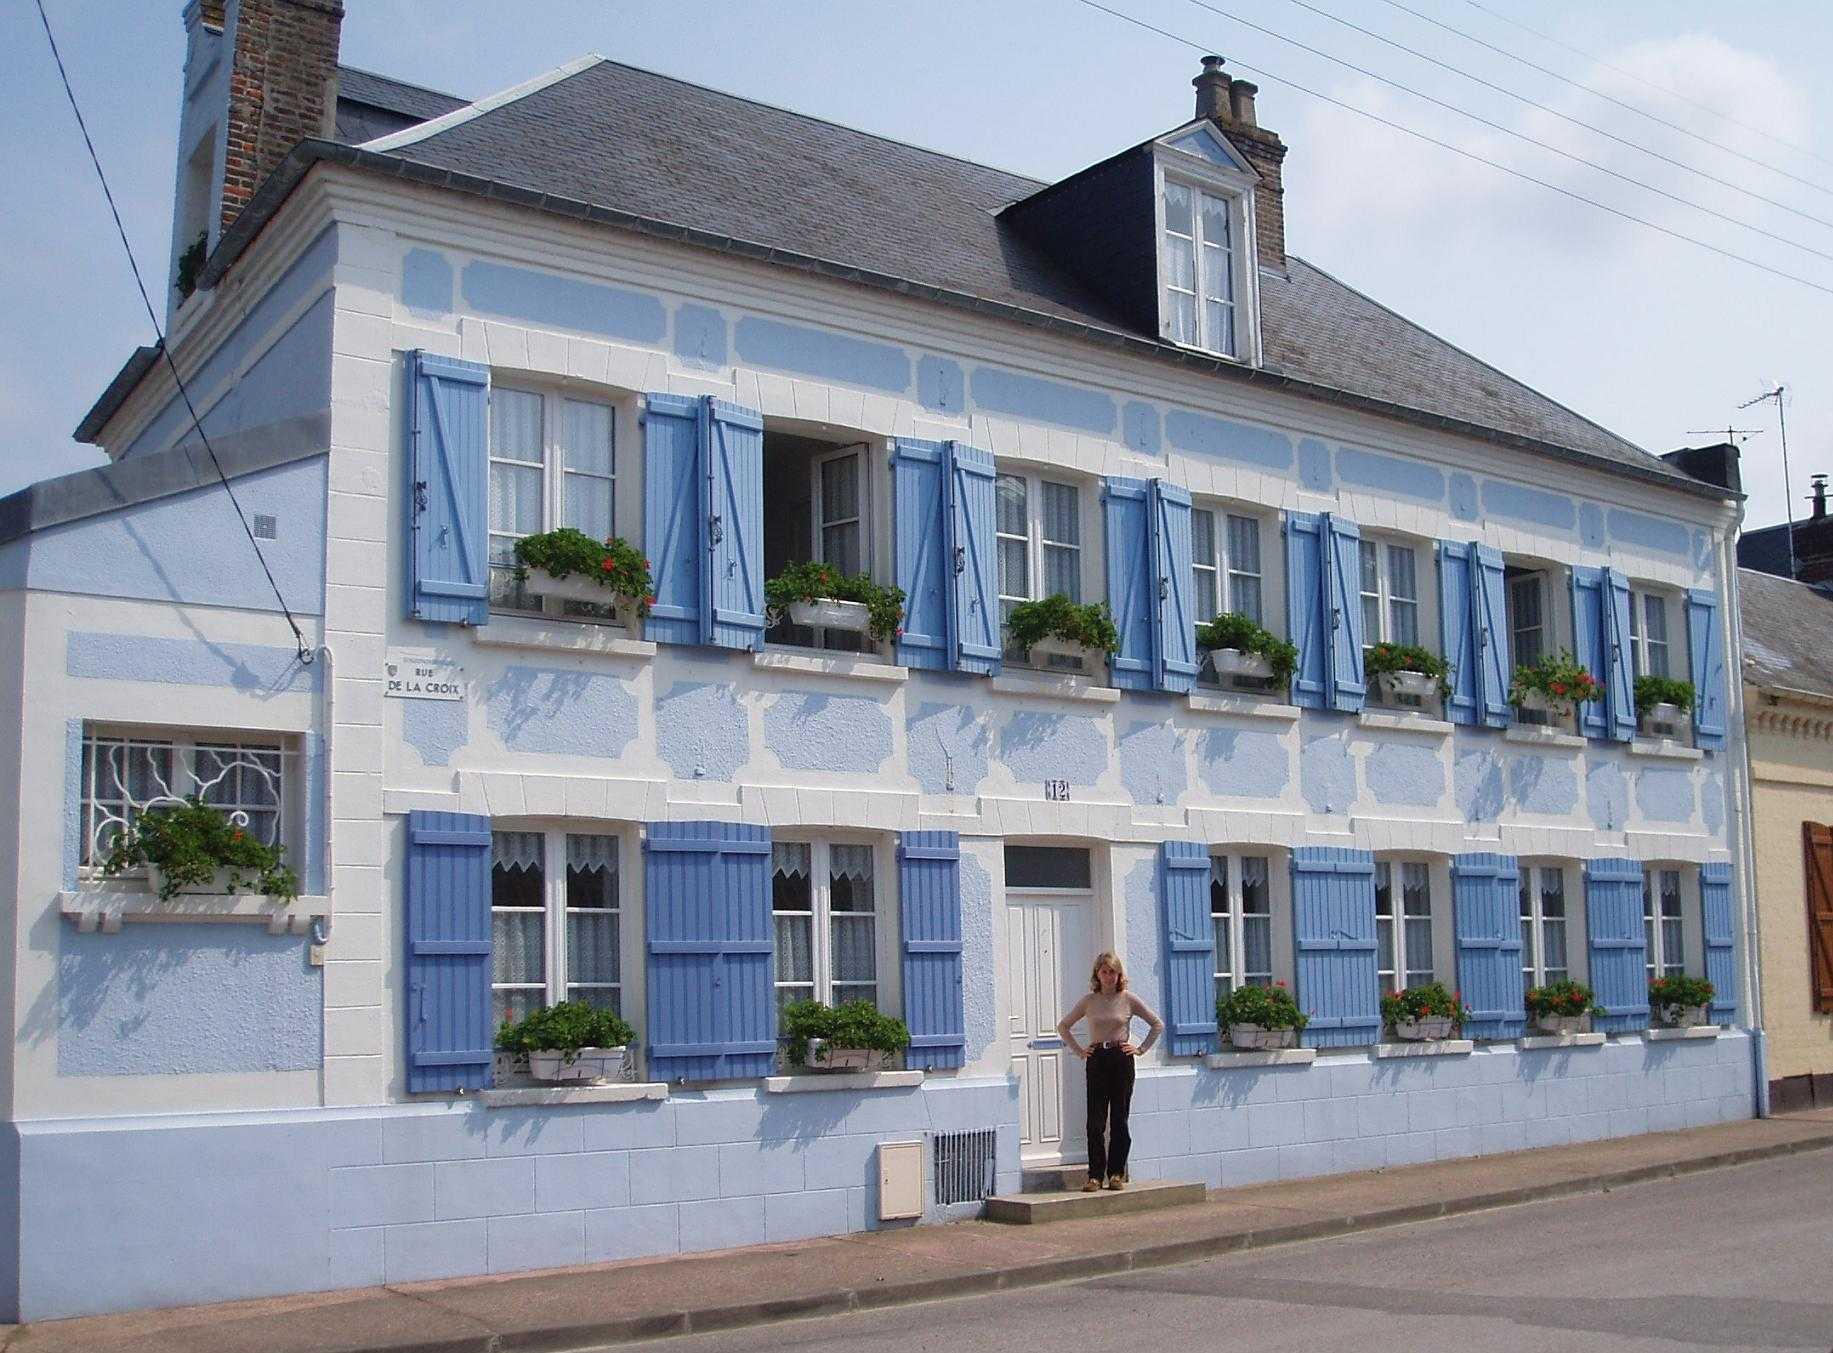 C est une maison bleue - Chanson une maison bleue ...